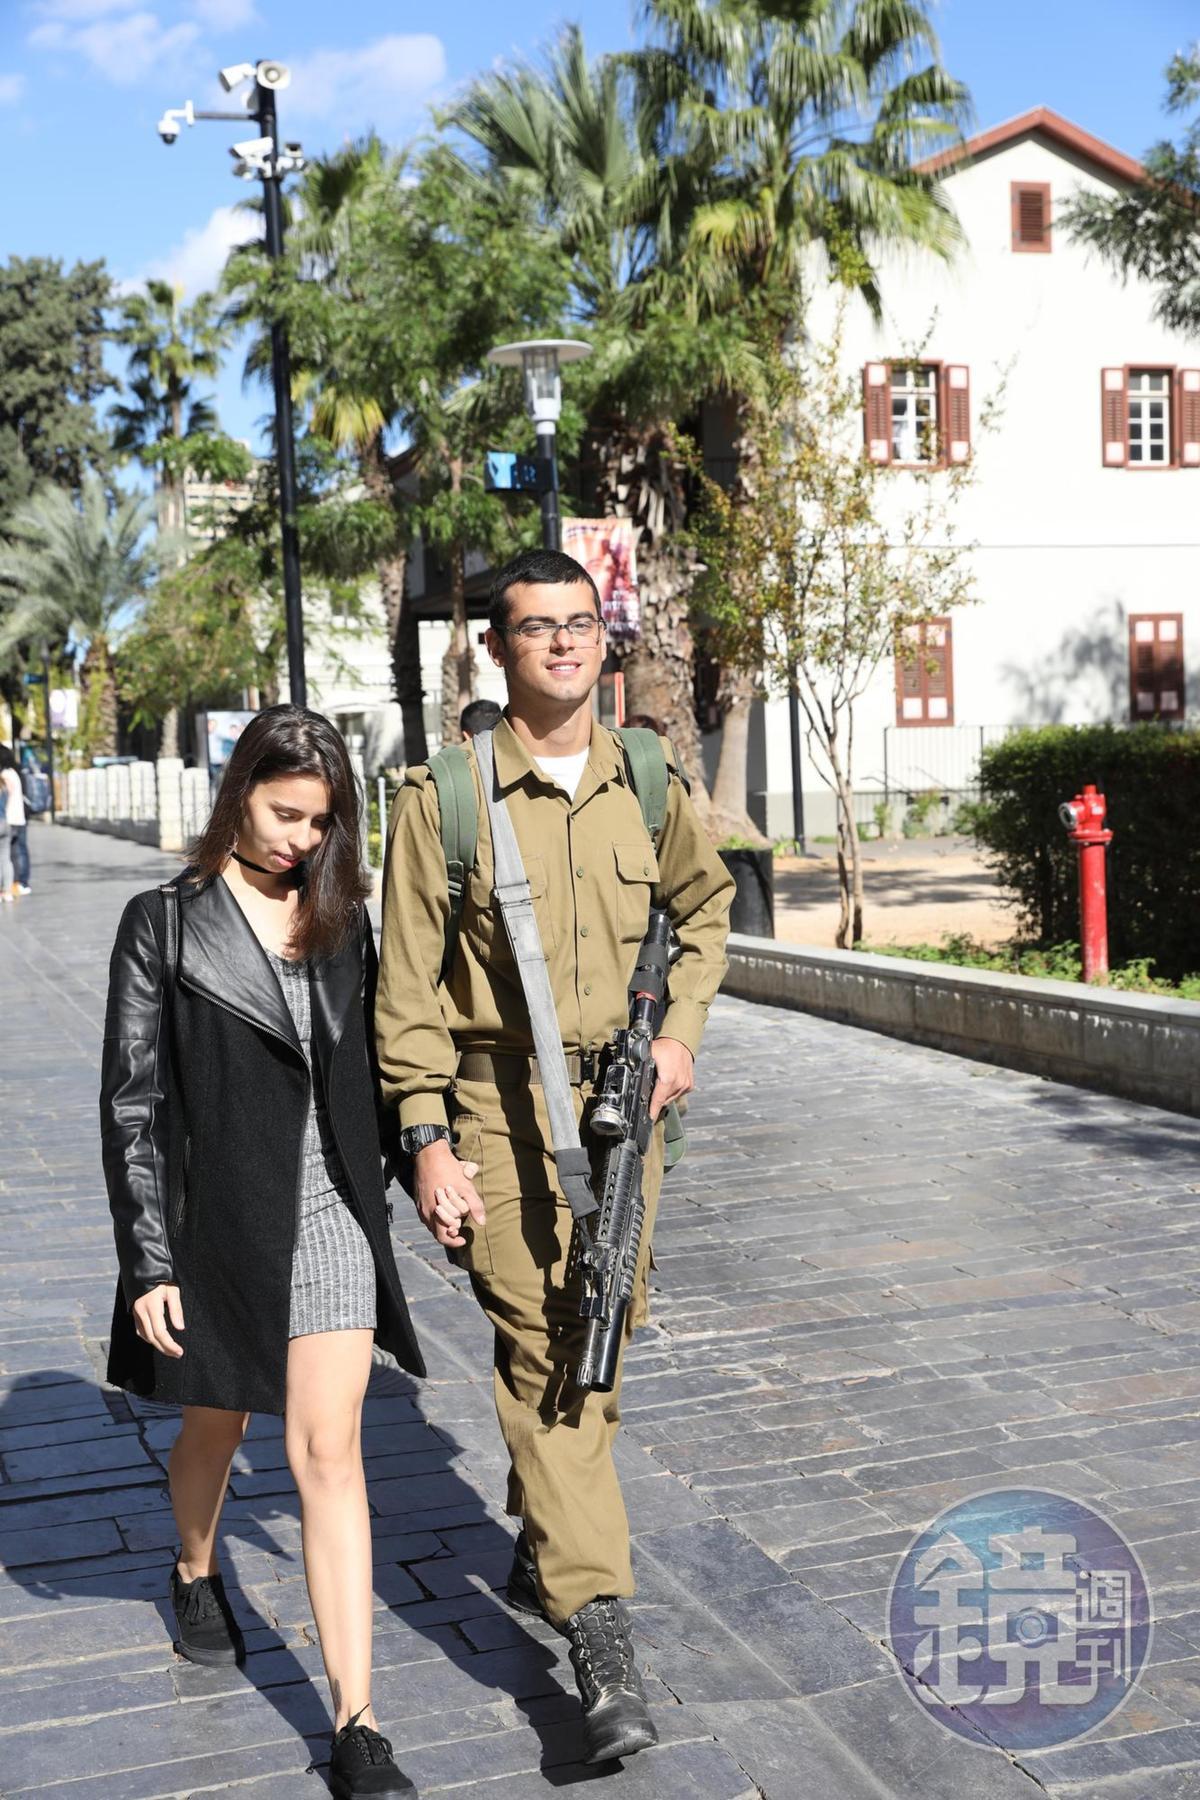 以色列女生要服2年、男生則需服2年半的兵役,路上常見荷槍實彈的休假阿兵哥。